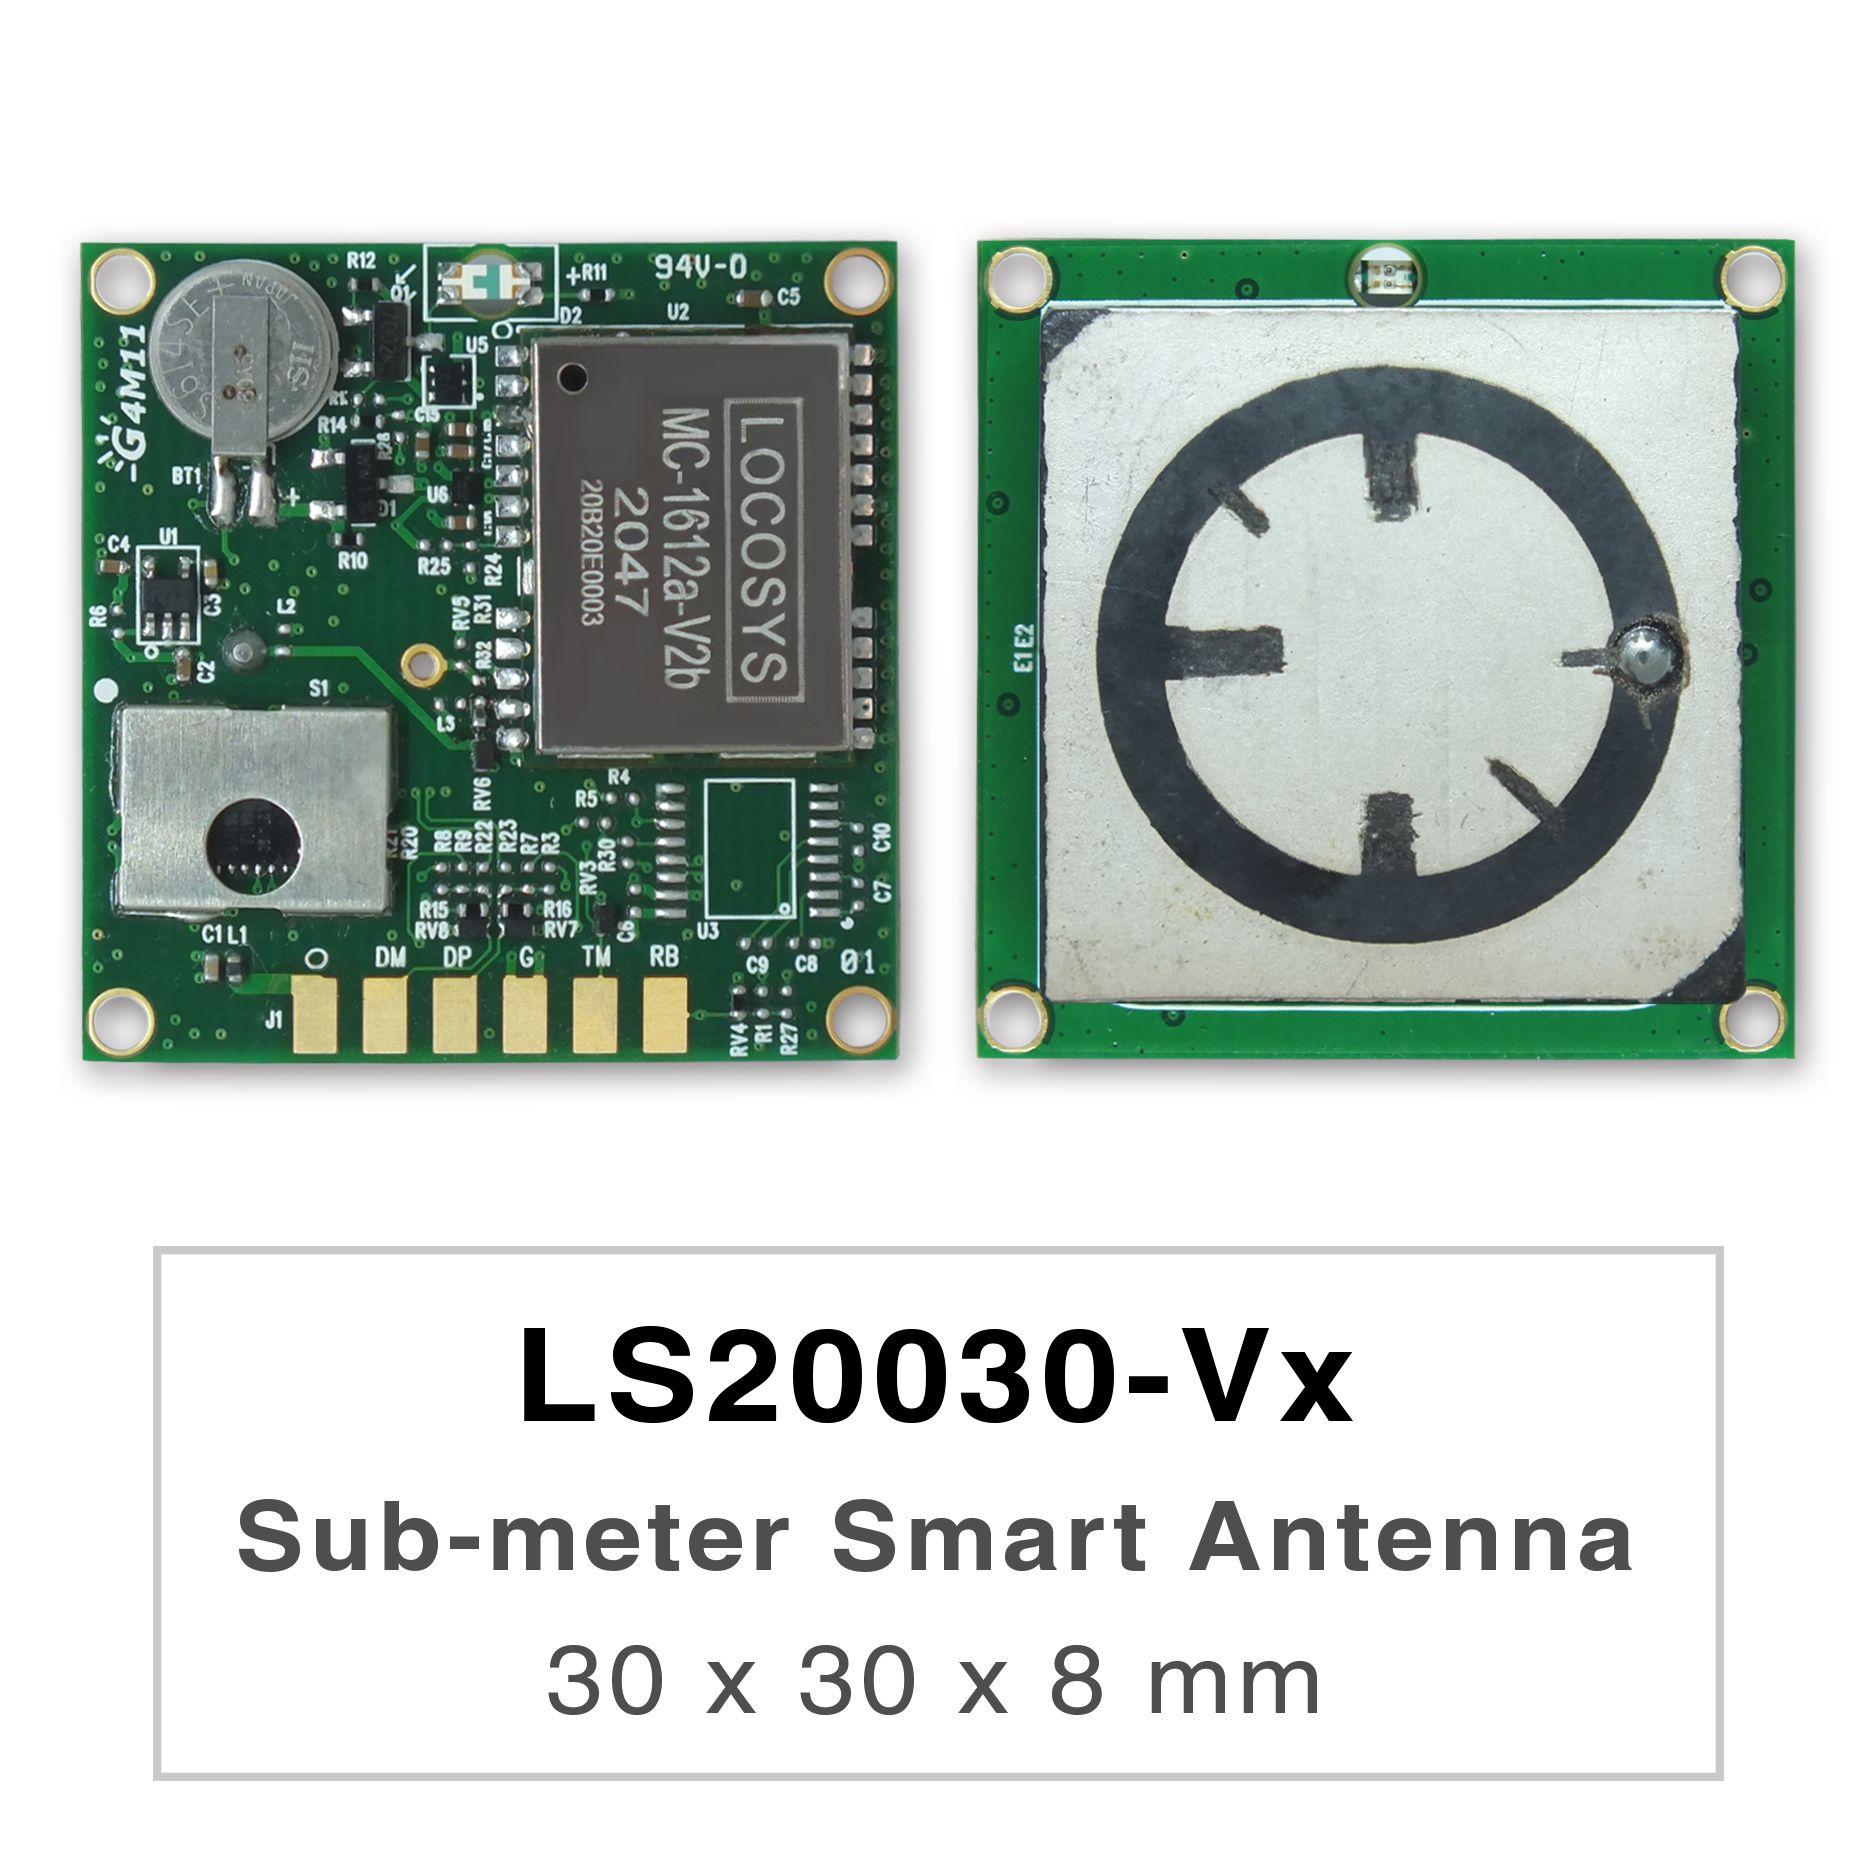 Die Produkte der LS2003x-Vx-Serie sind leistungsstarke Dual-Band-GNSS-Smart-Antennenmodule,       einschließlich einer eingebetteten Antenne und GNSS-Empfängerschaltungen, die für ein breites Spektrum von OEM-       Systemanwendungen entwickelt wurden.